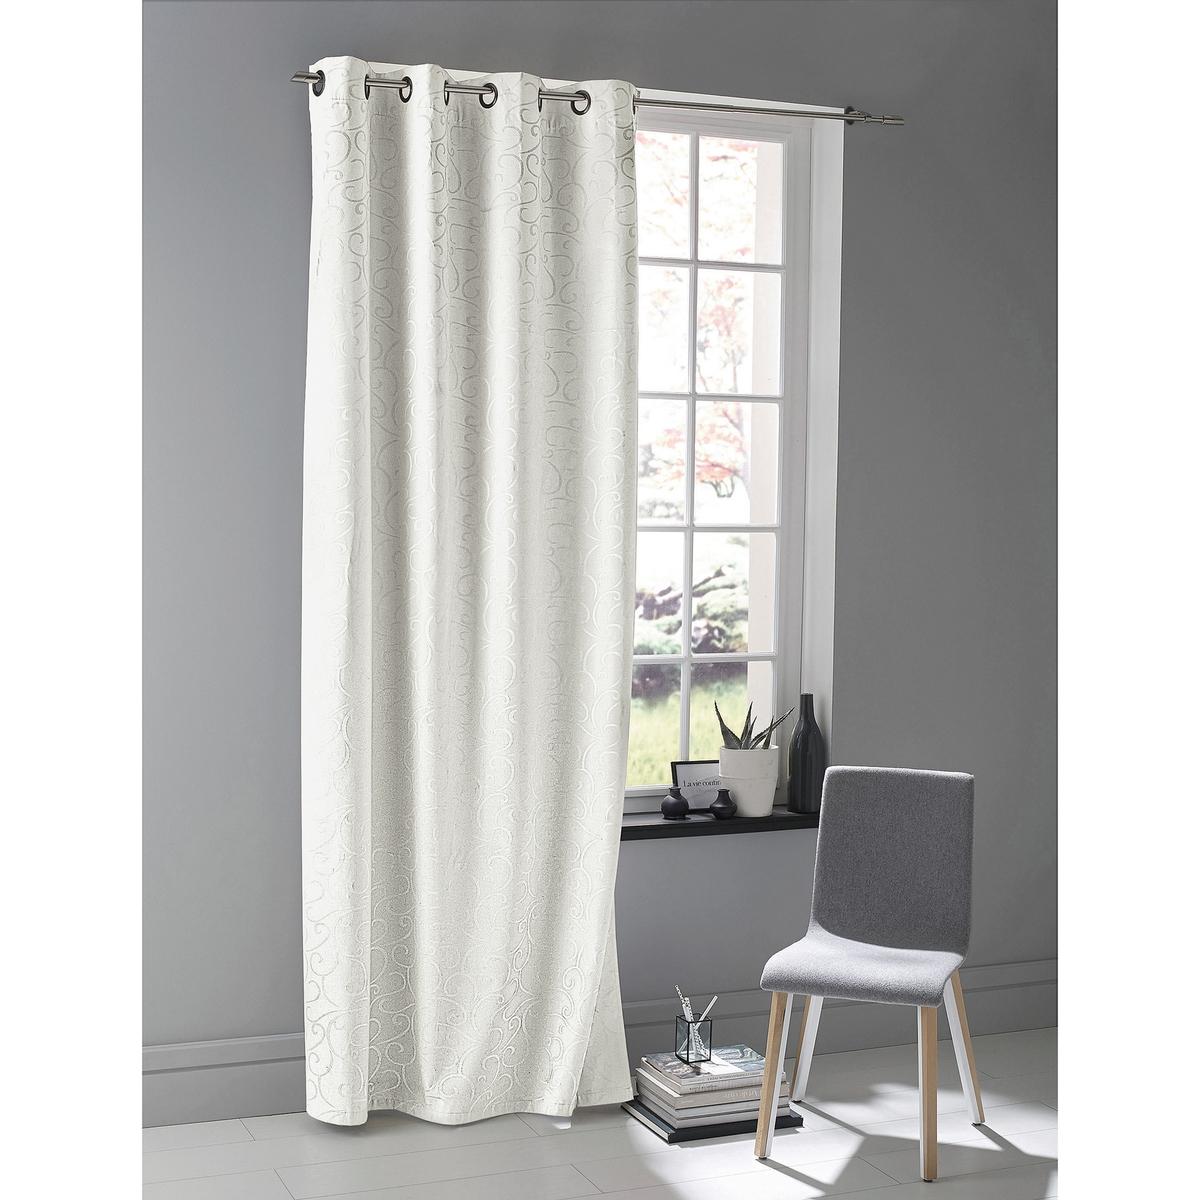 Image of Beriza Blackout Eyelet Single Curtain